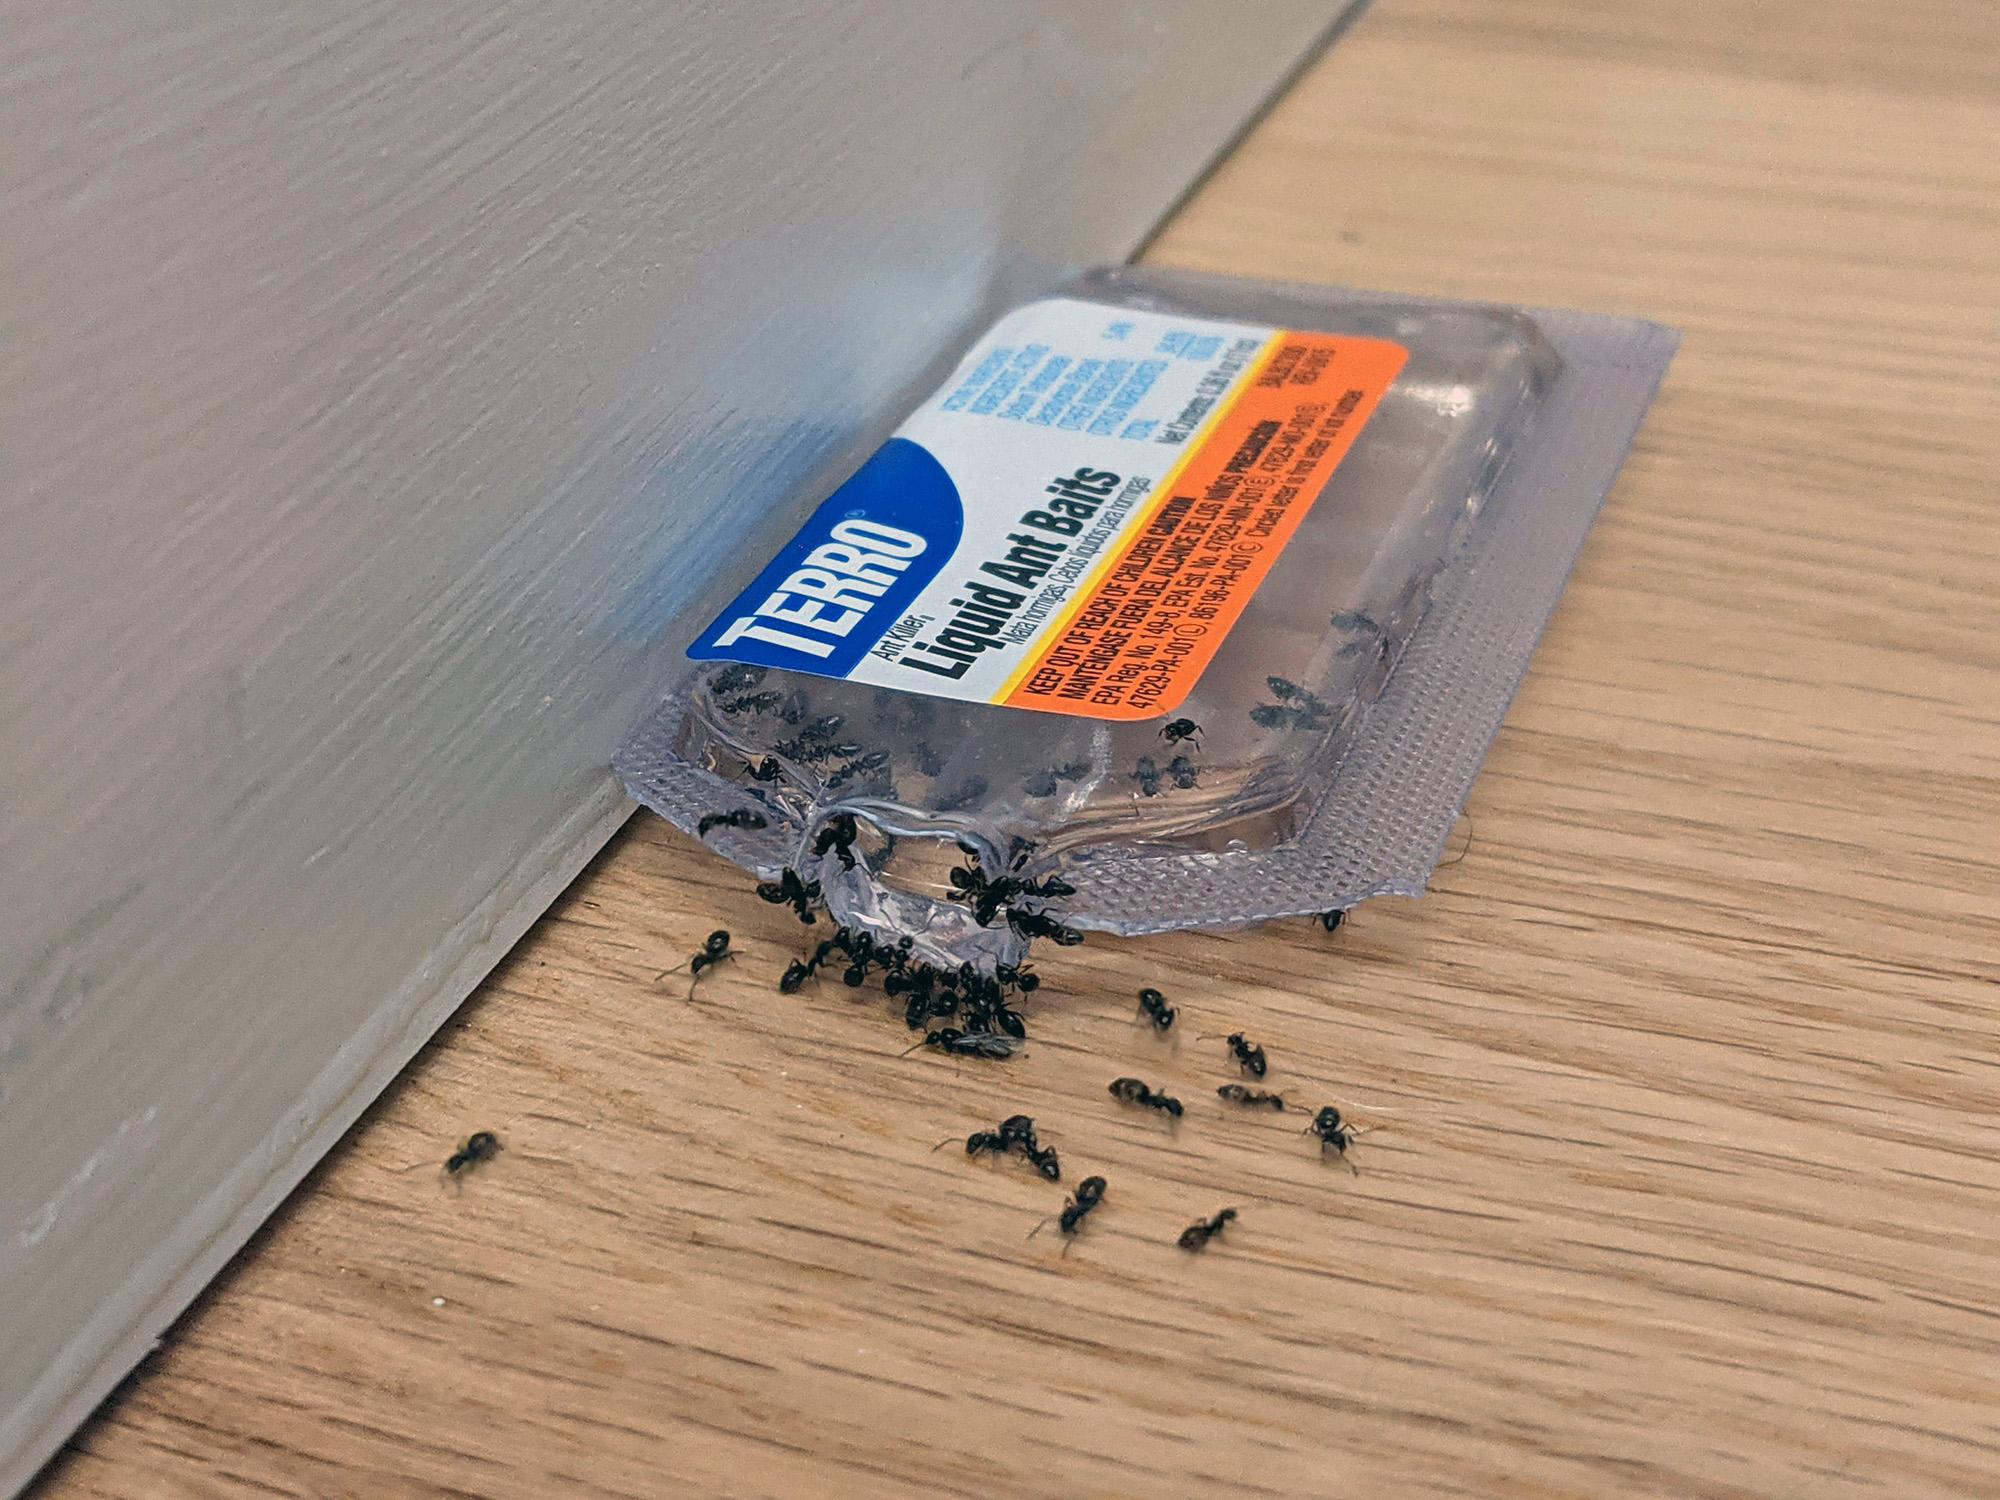 ants eating bait